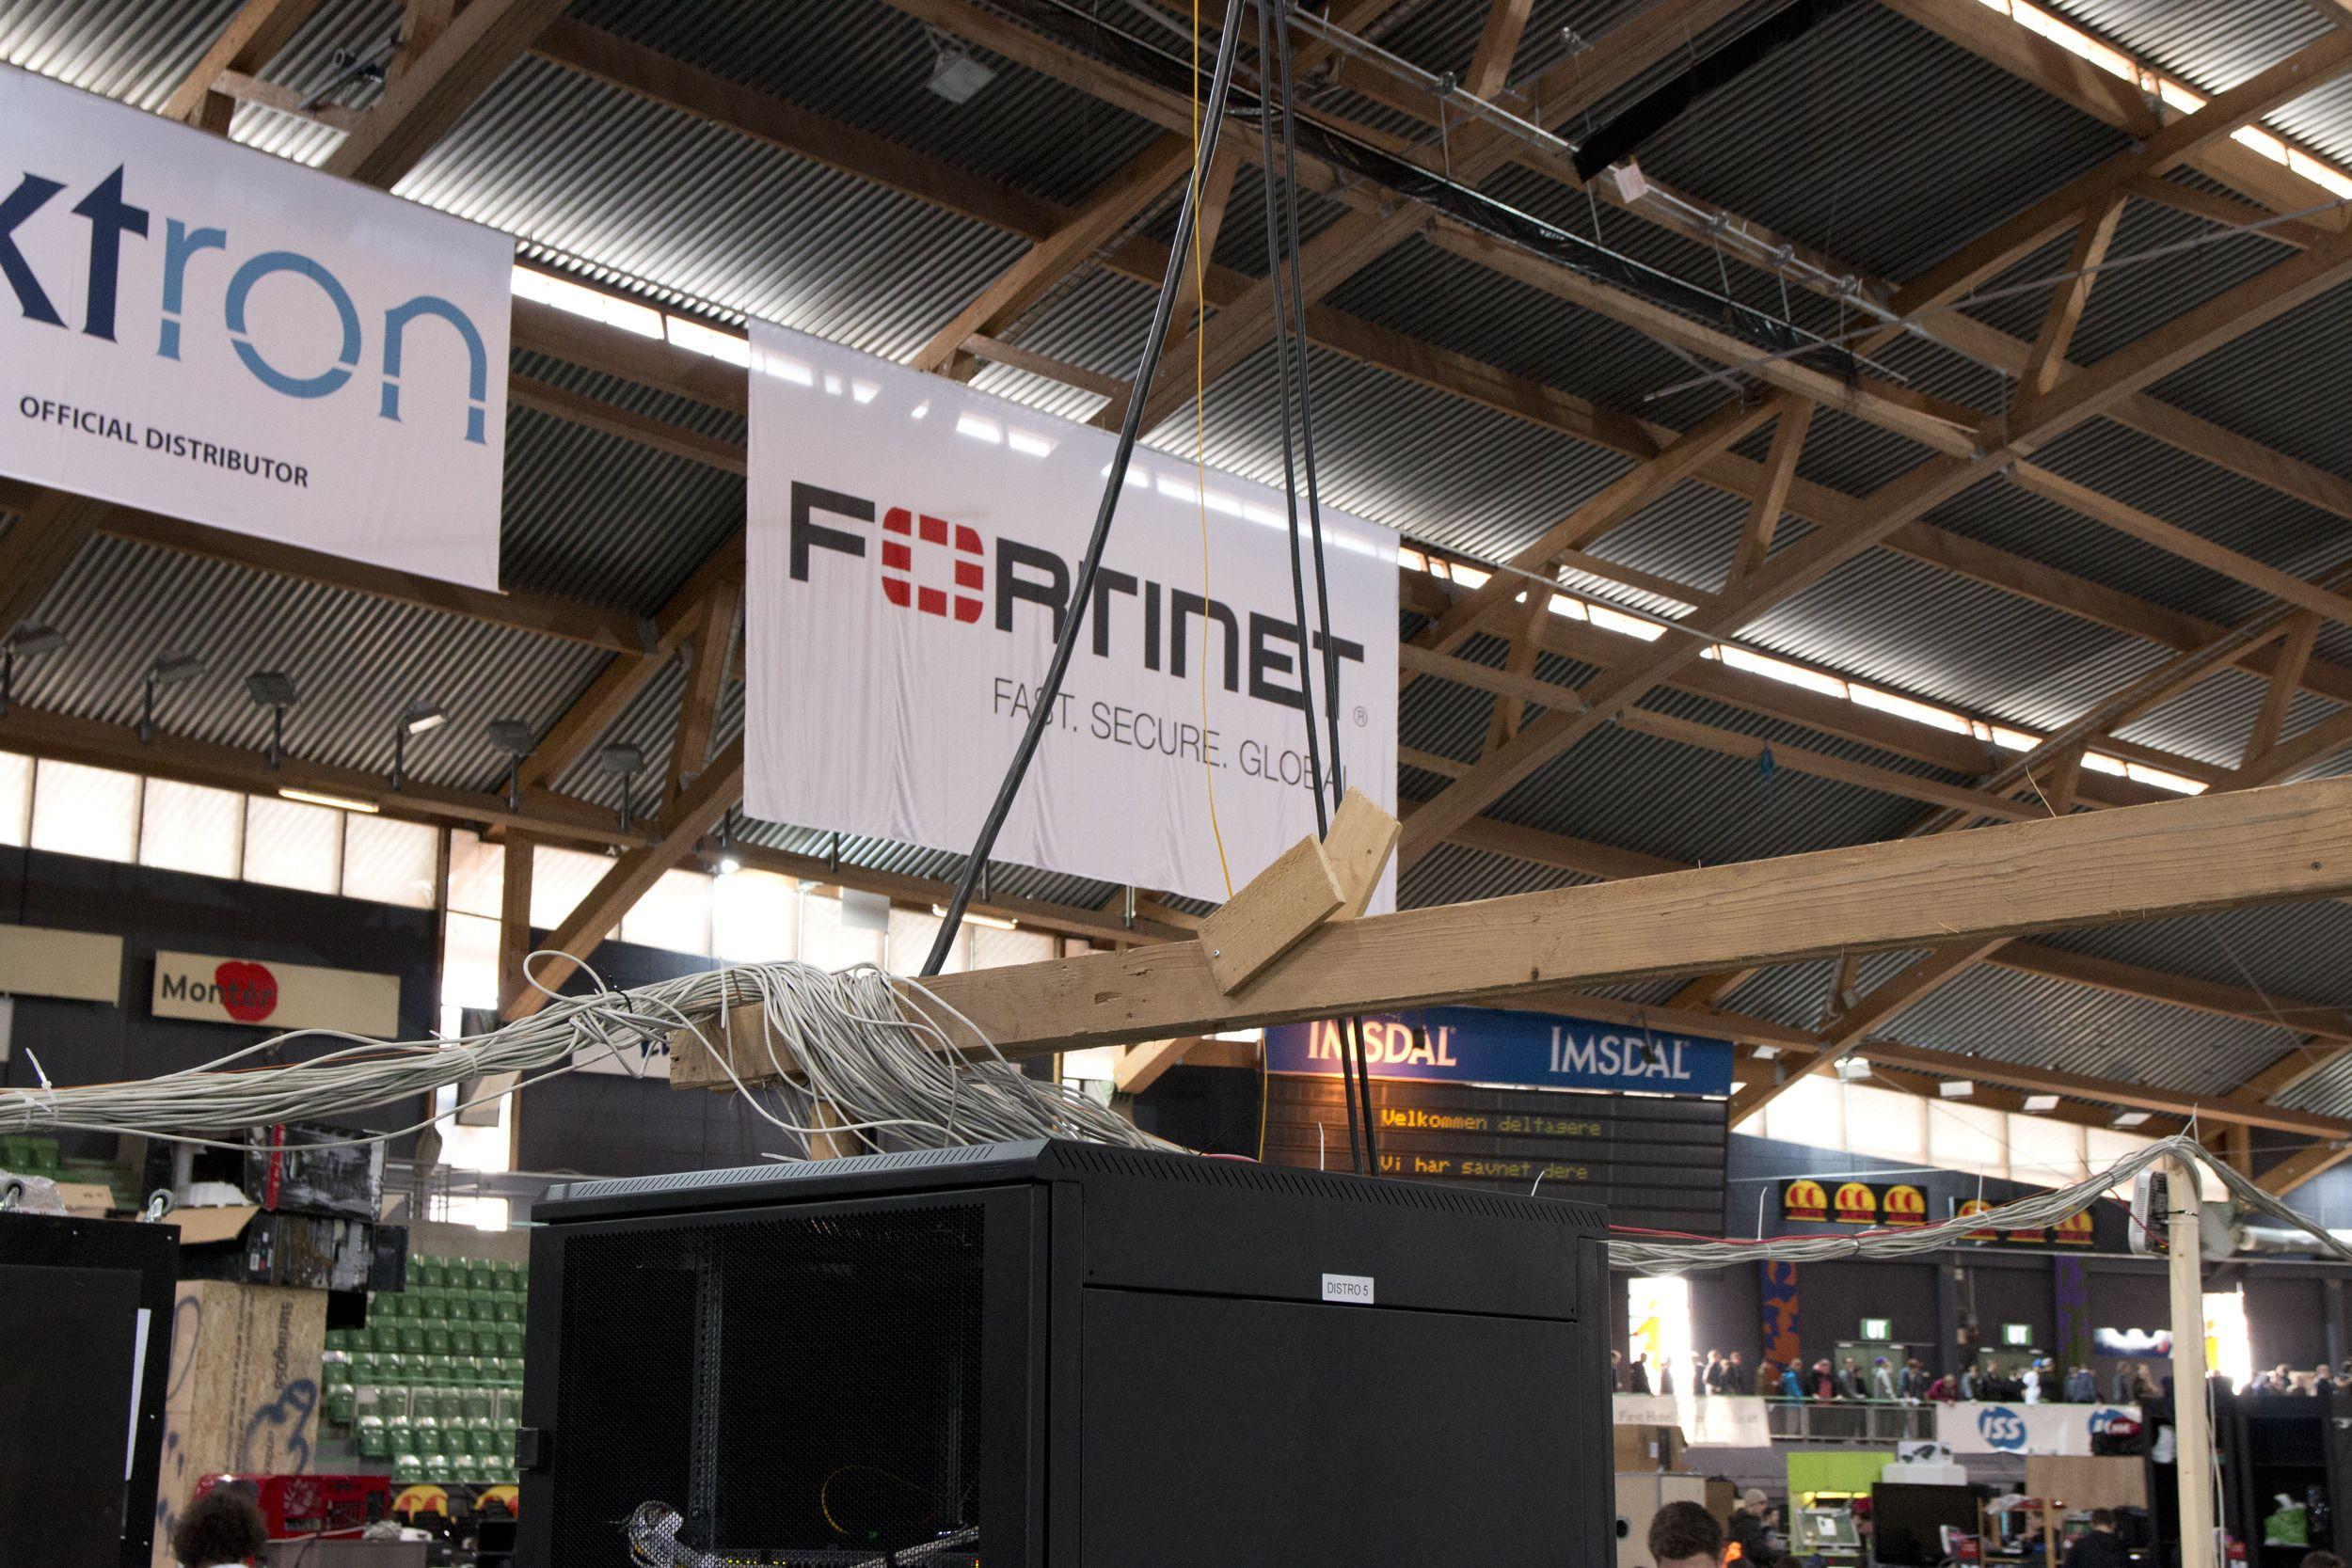 Ned til de åtte skapene nede på gulvet går det fiber- og strømkabler ned fra taket. Foto: Rolf B. Wegner, Tek.no